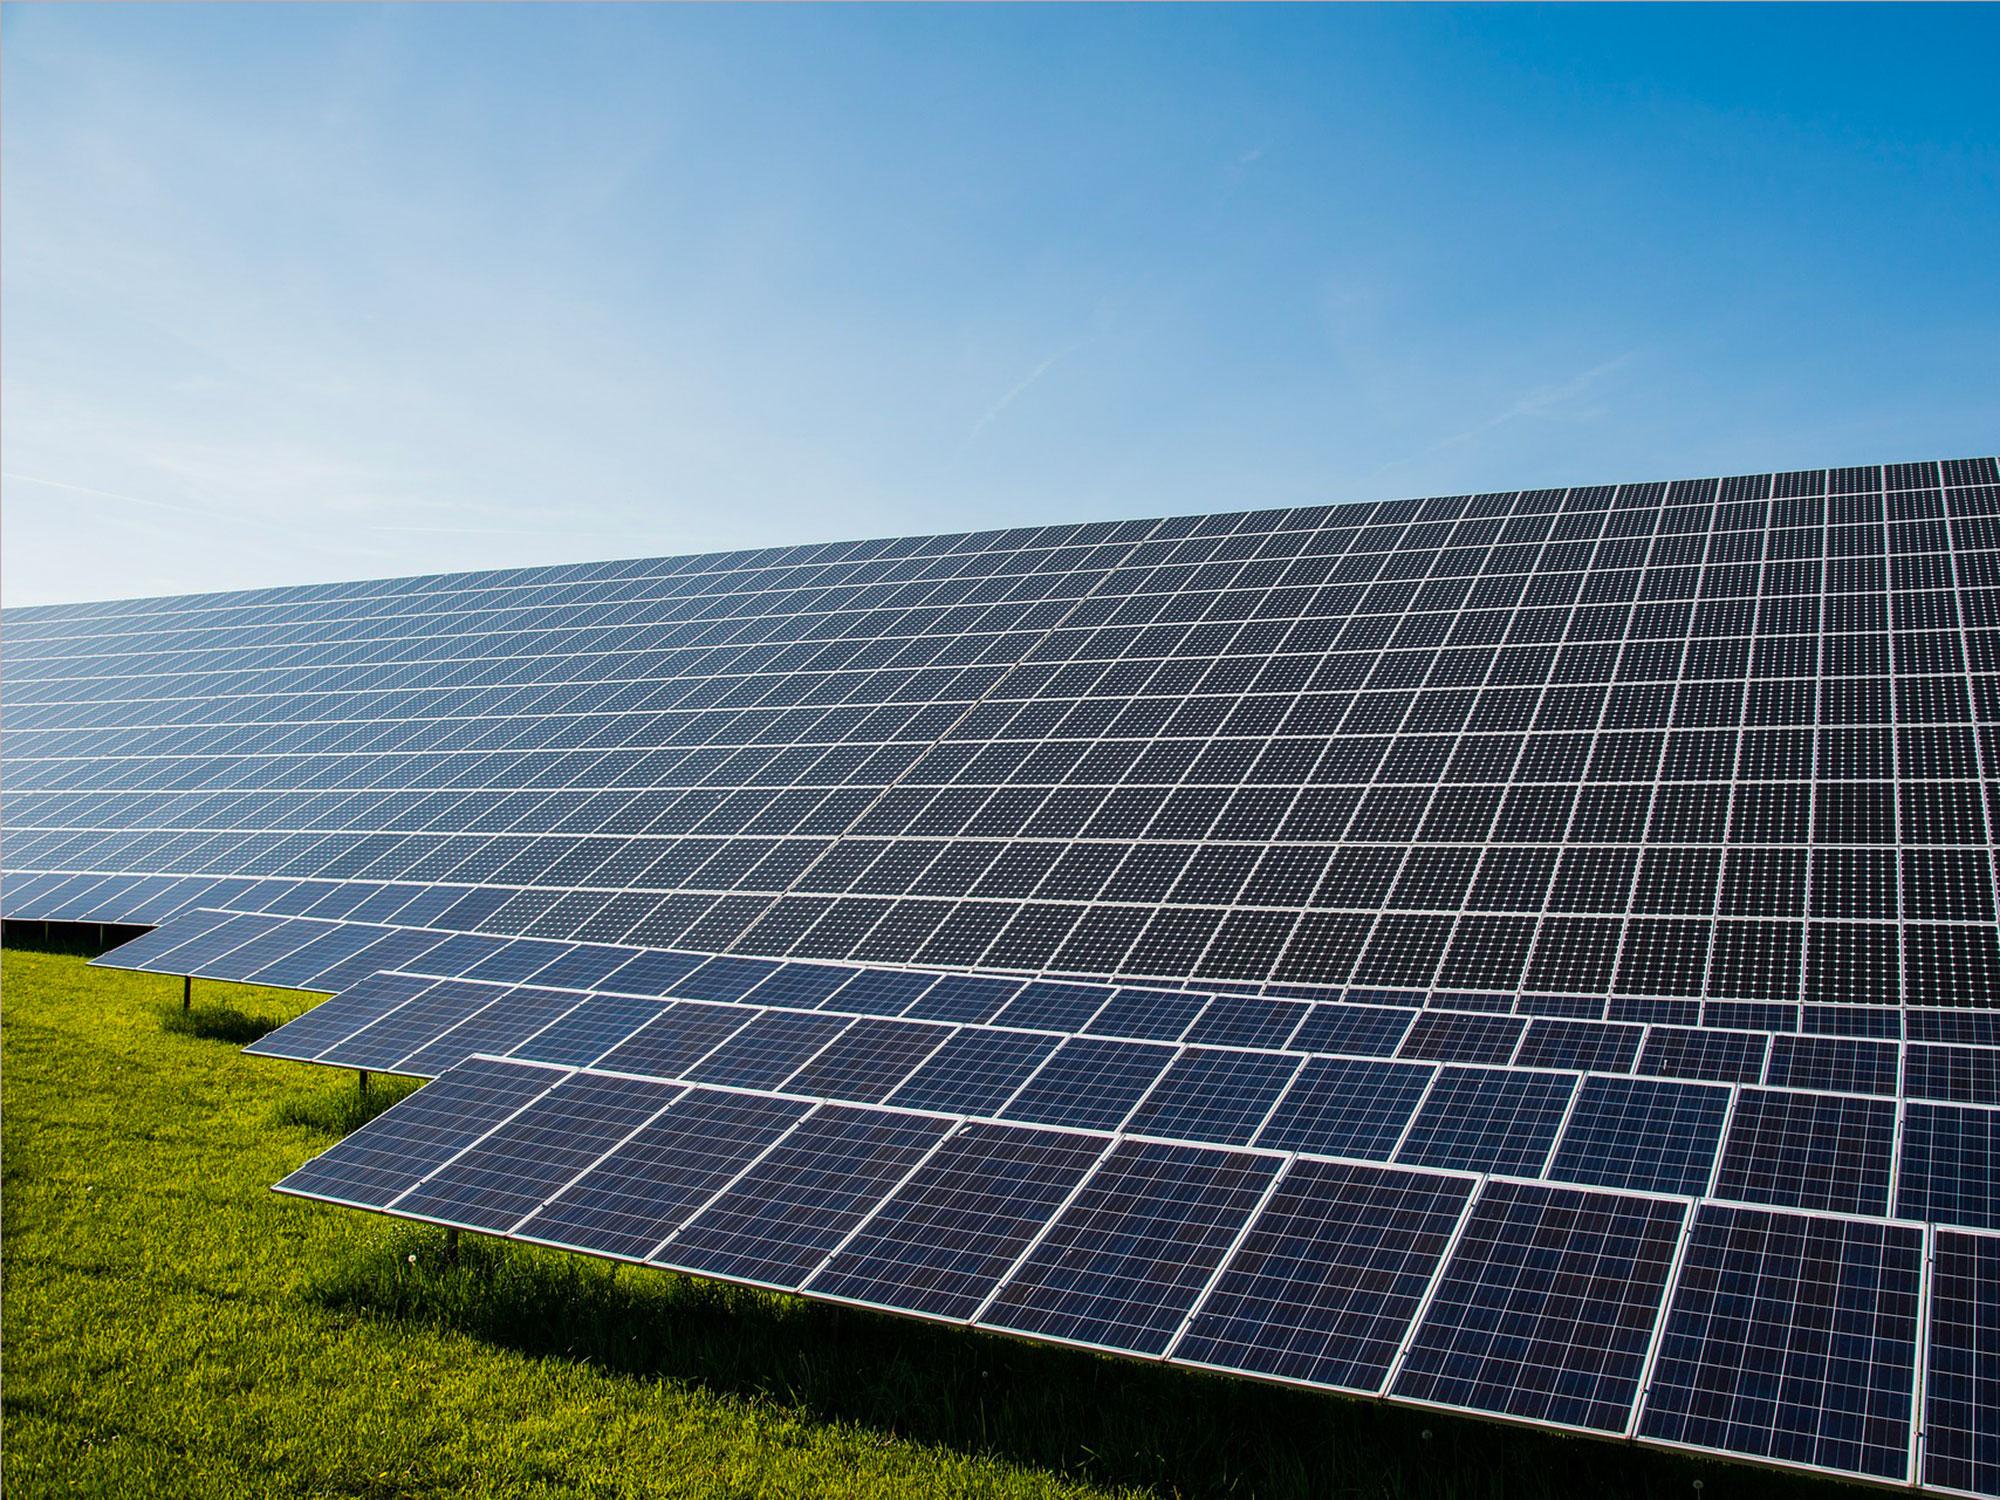 pannelli fotovoltaici perovskite